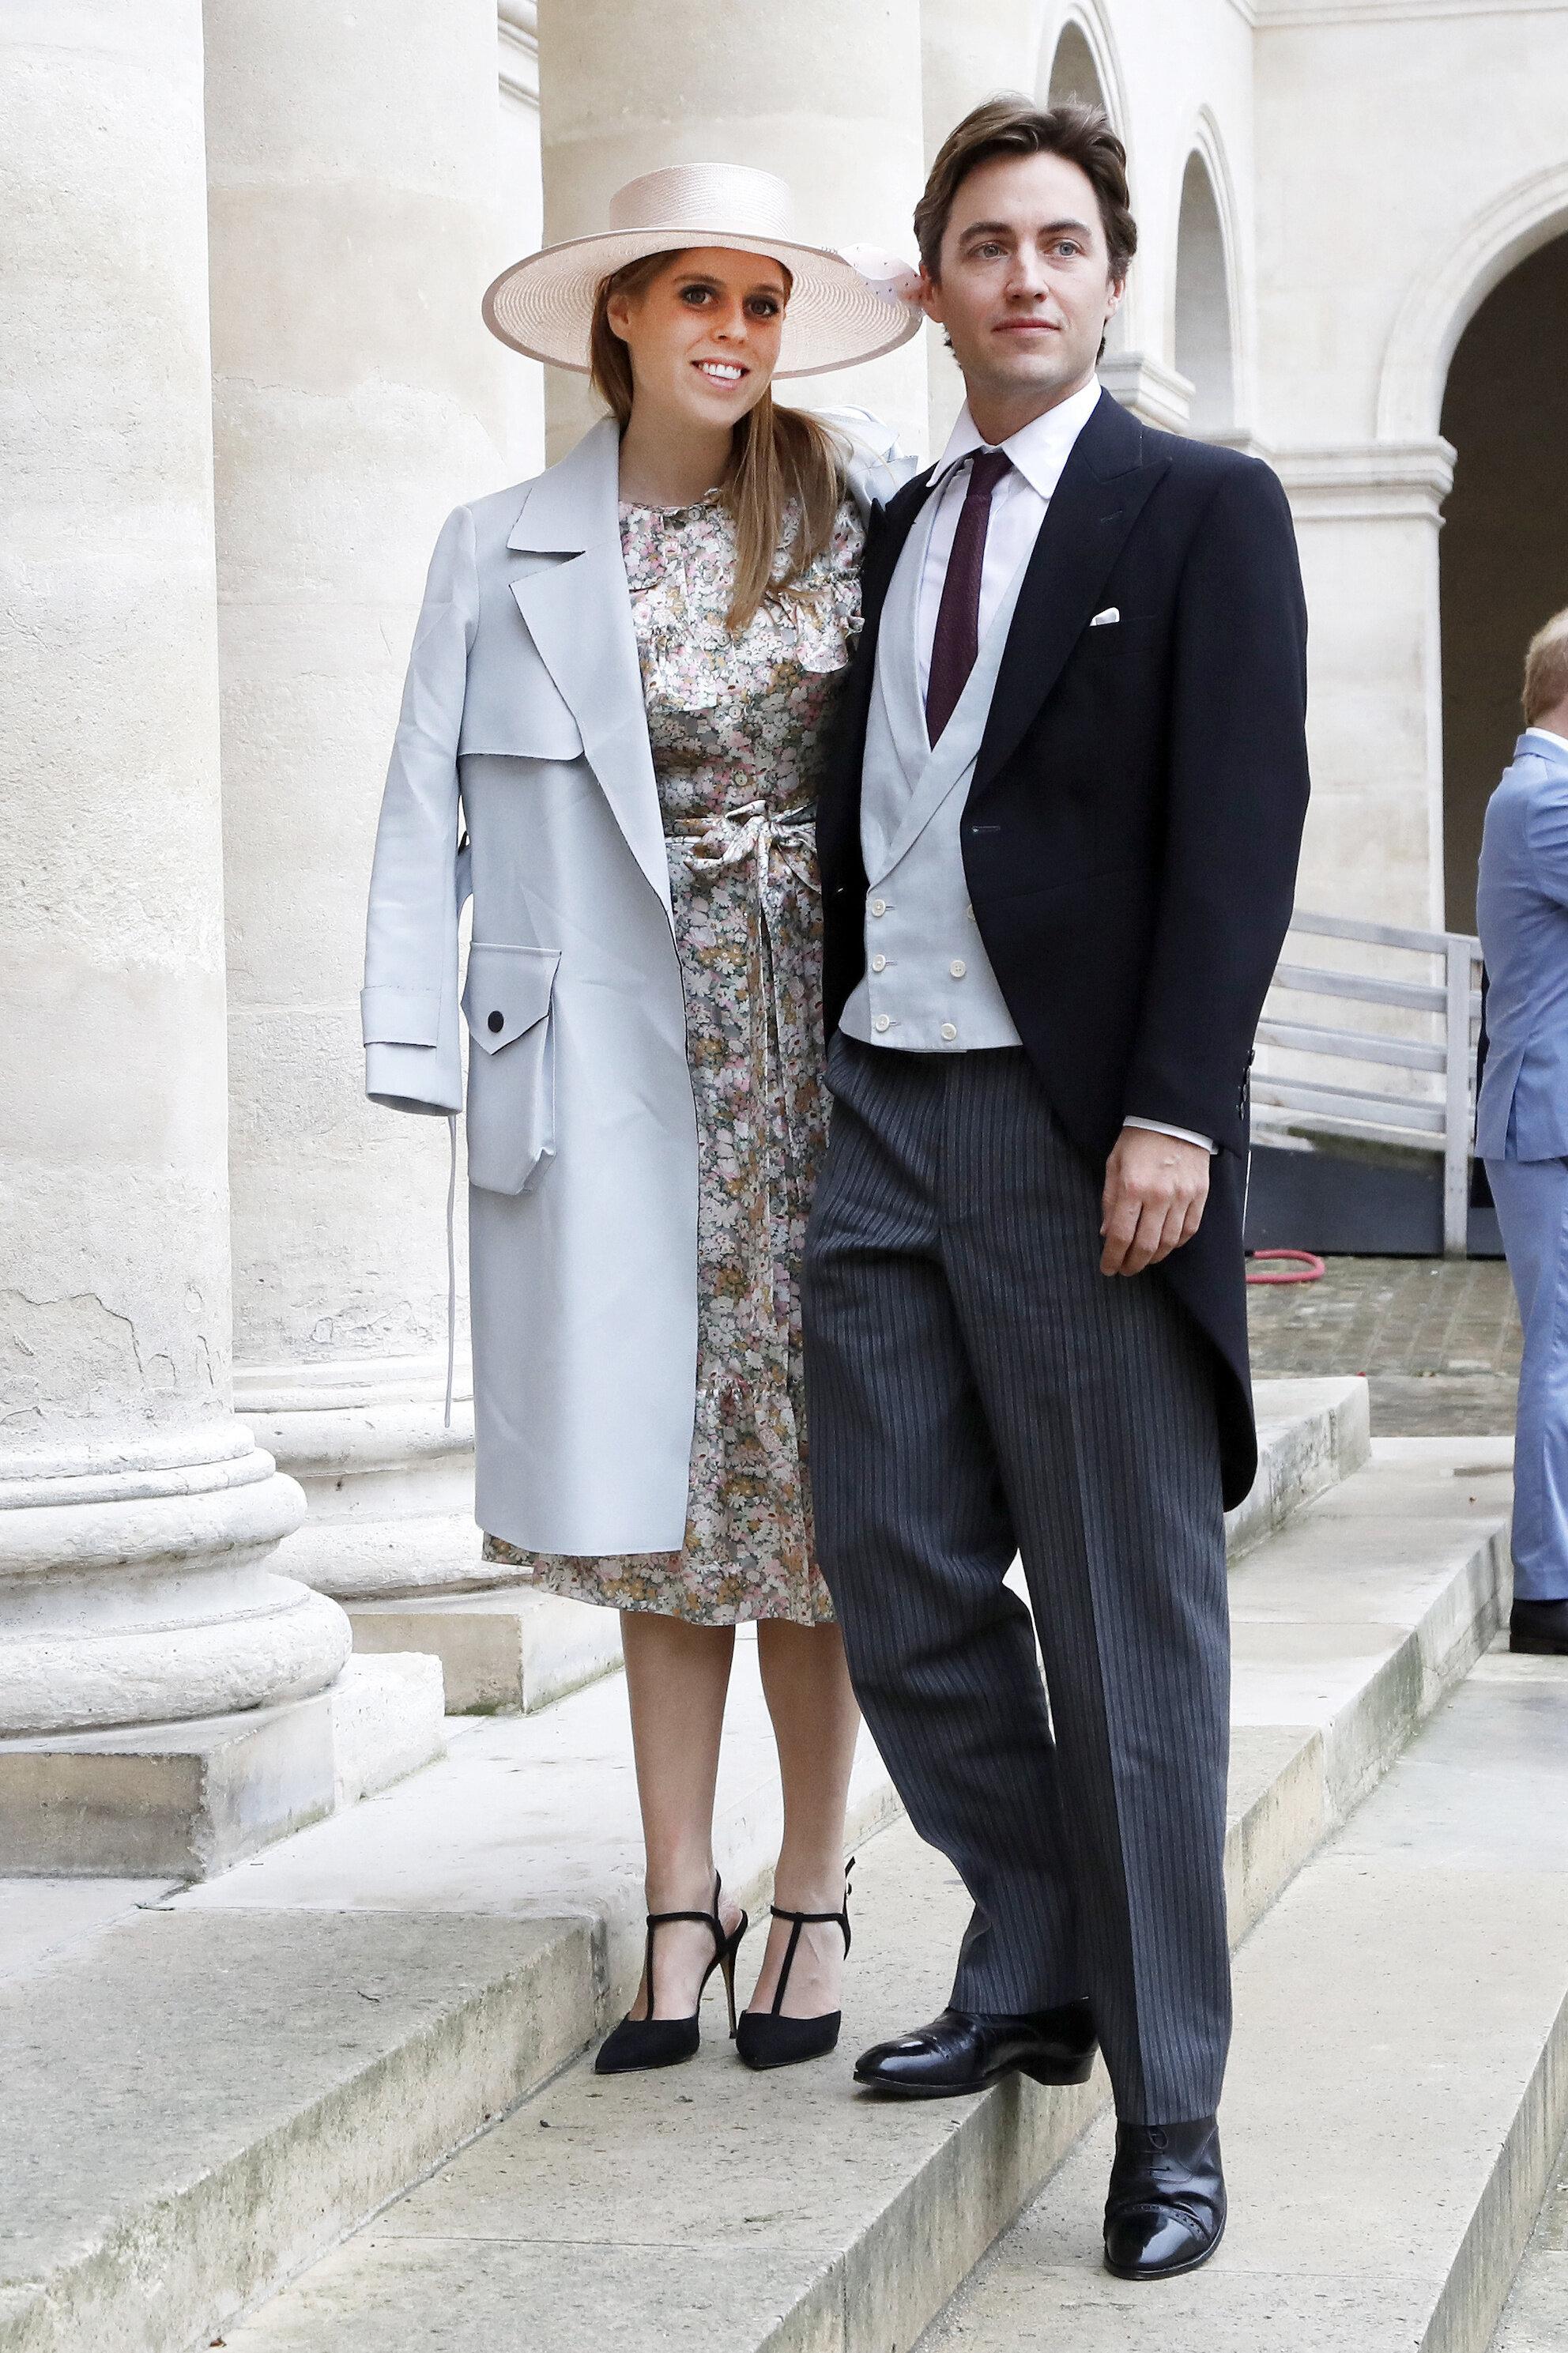 """Prinzessin Beatrice konnte sich Inspirationen für ihre eigene Hochzeit im kommenden Jahr mit Edorardo Mapelli Mozzi holen. Sie erschien in einem Blumenkleid von """"The Vampire's Wife"""".  © picture alliance / abaca"""